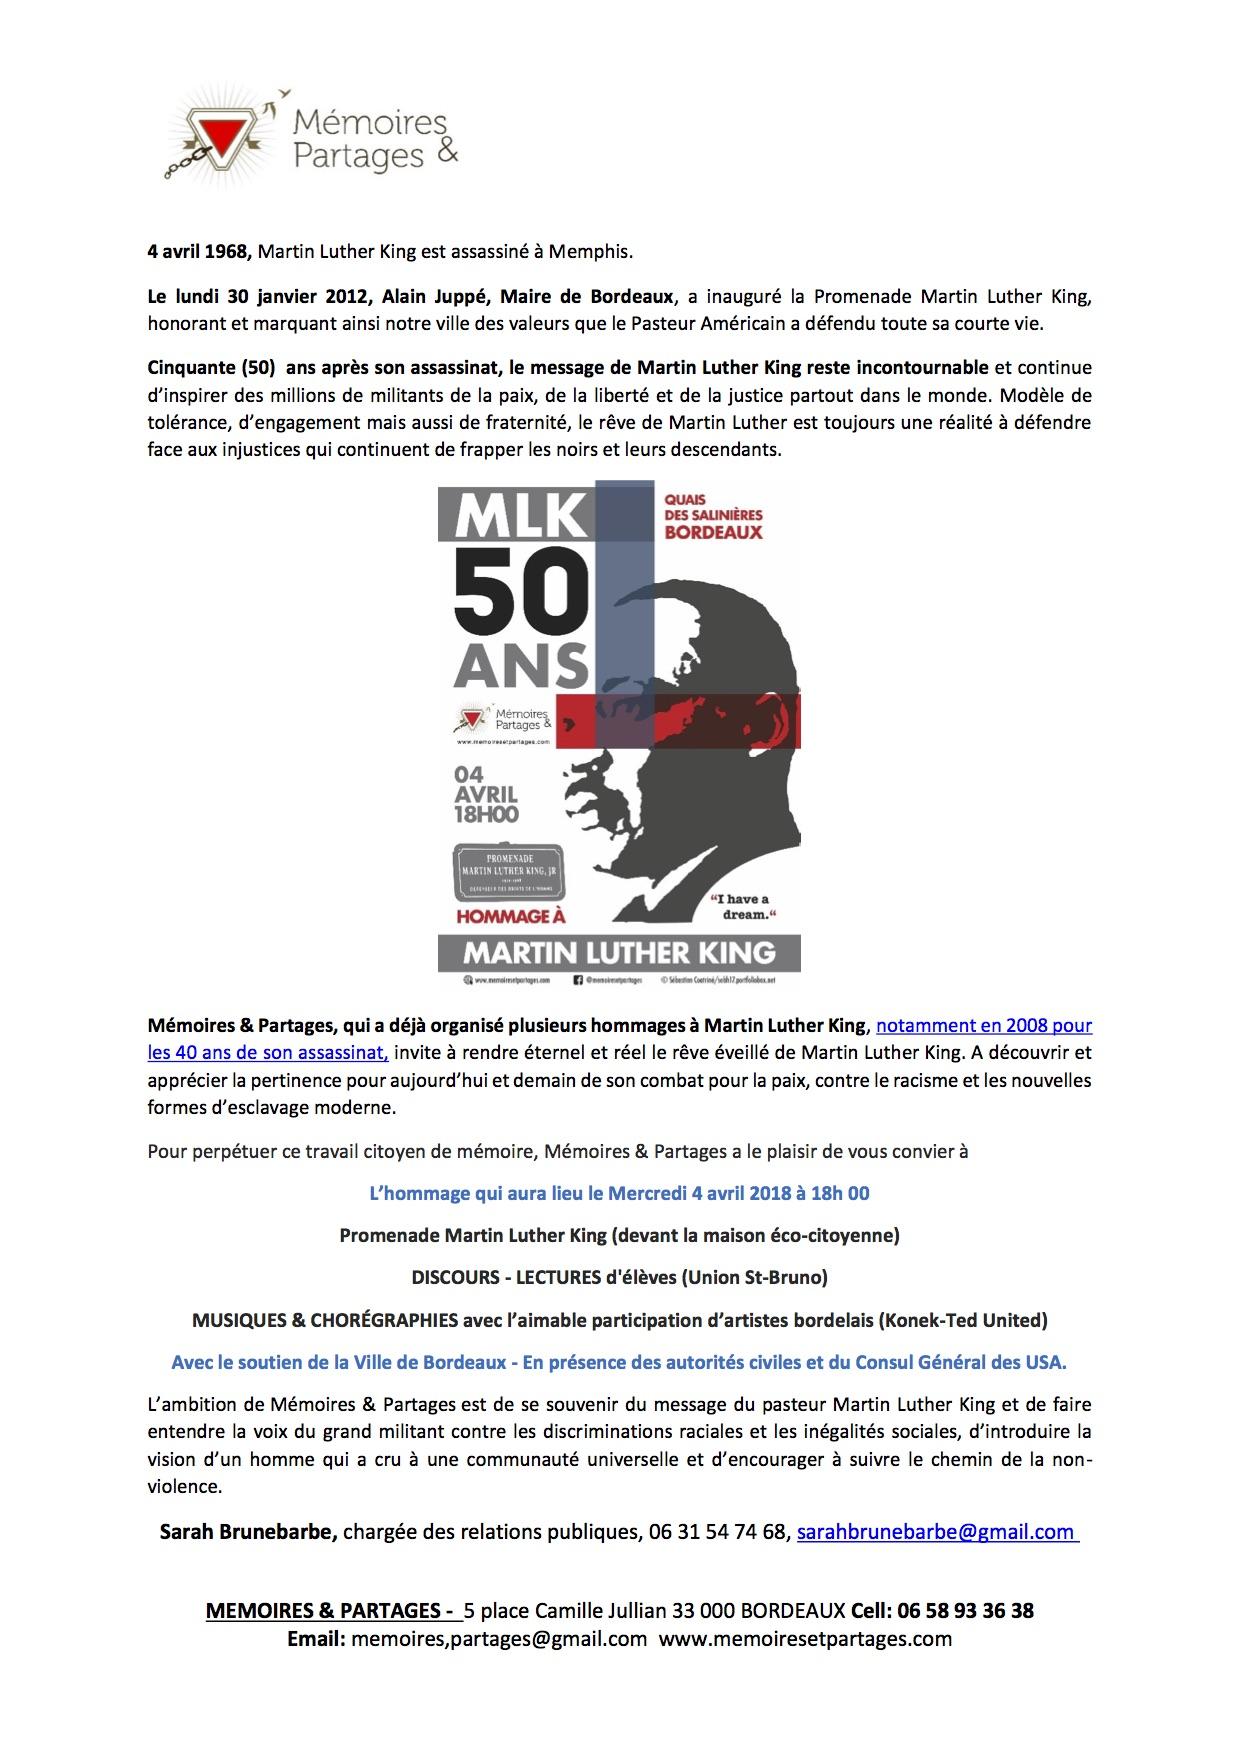 communique-de-presse-mlk-50-ans-bordeaux-2018